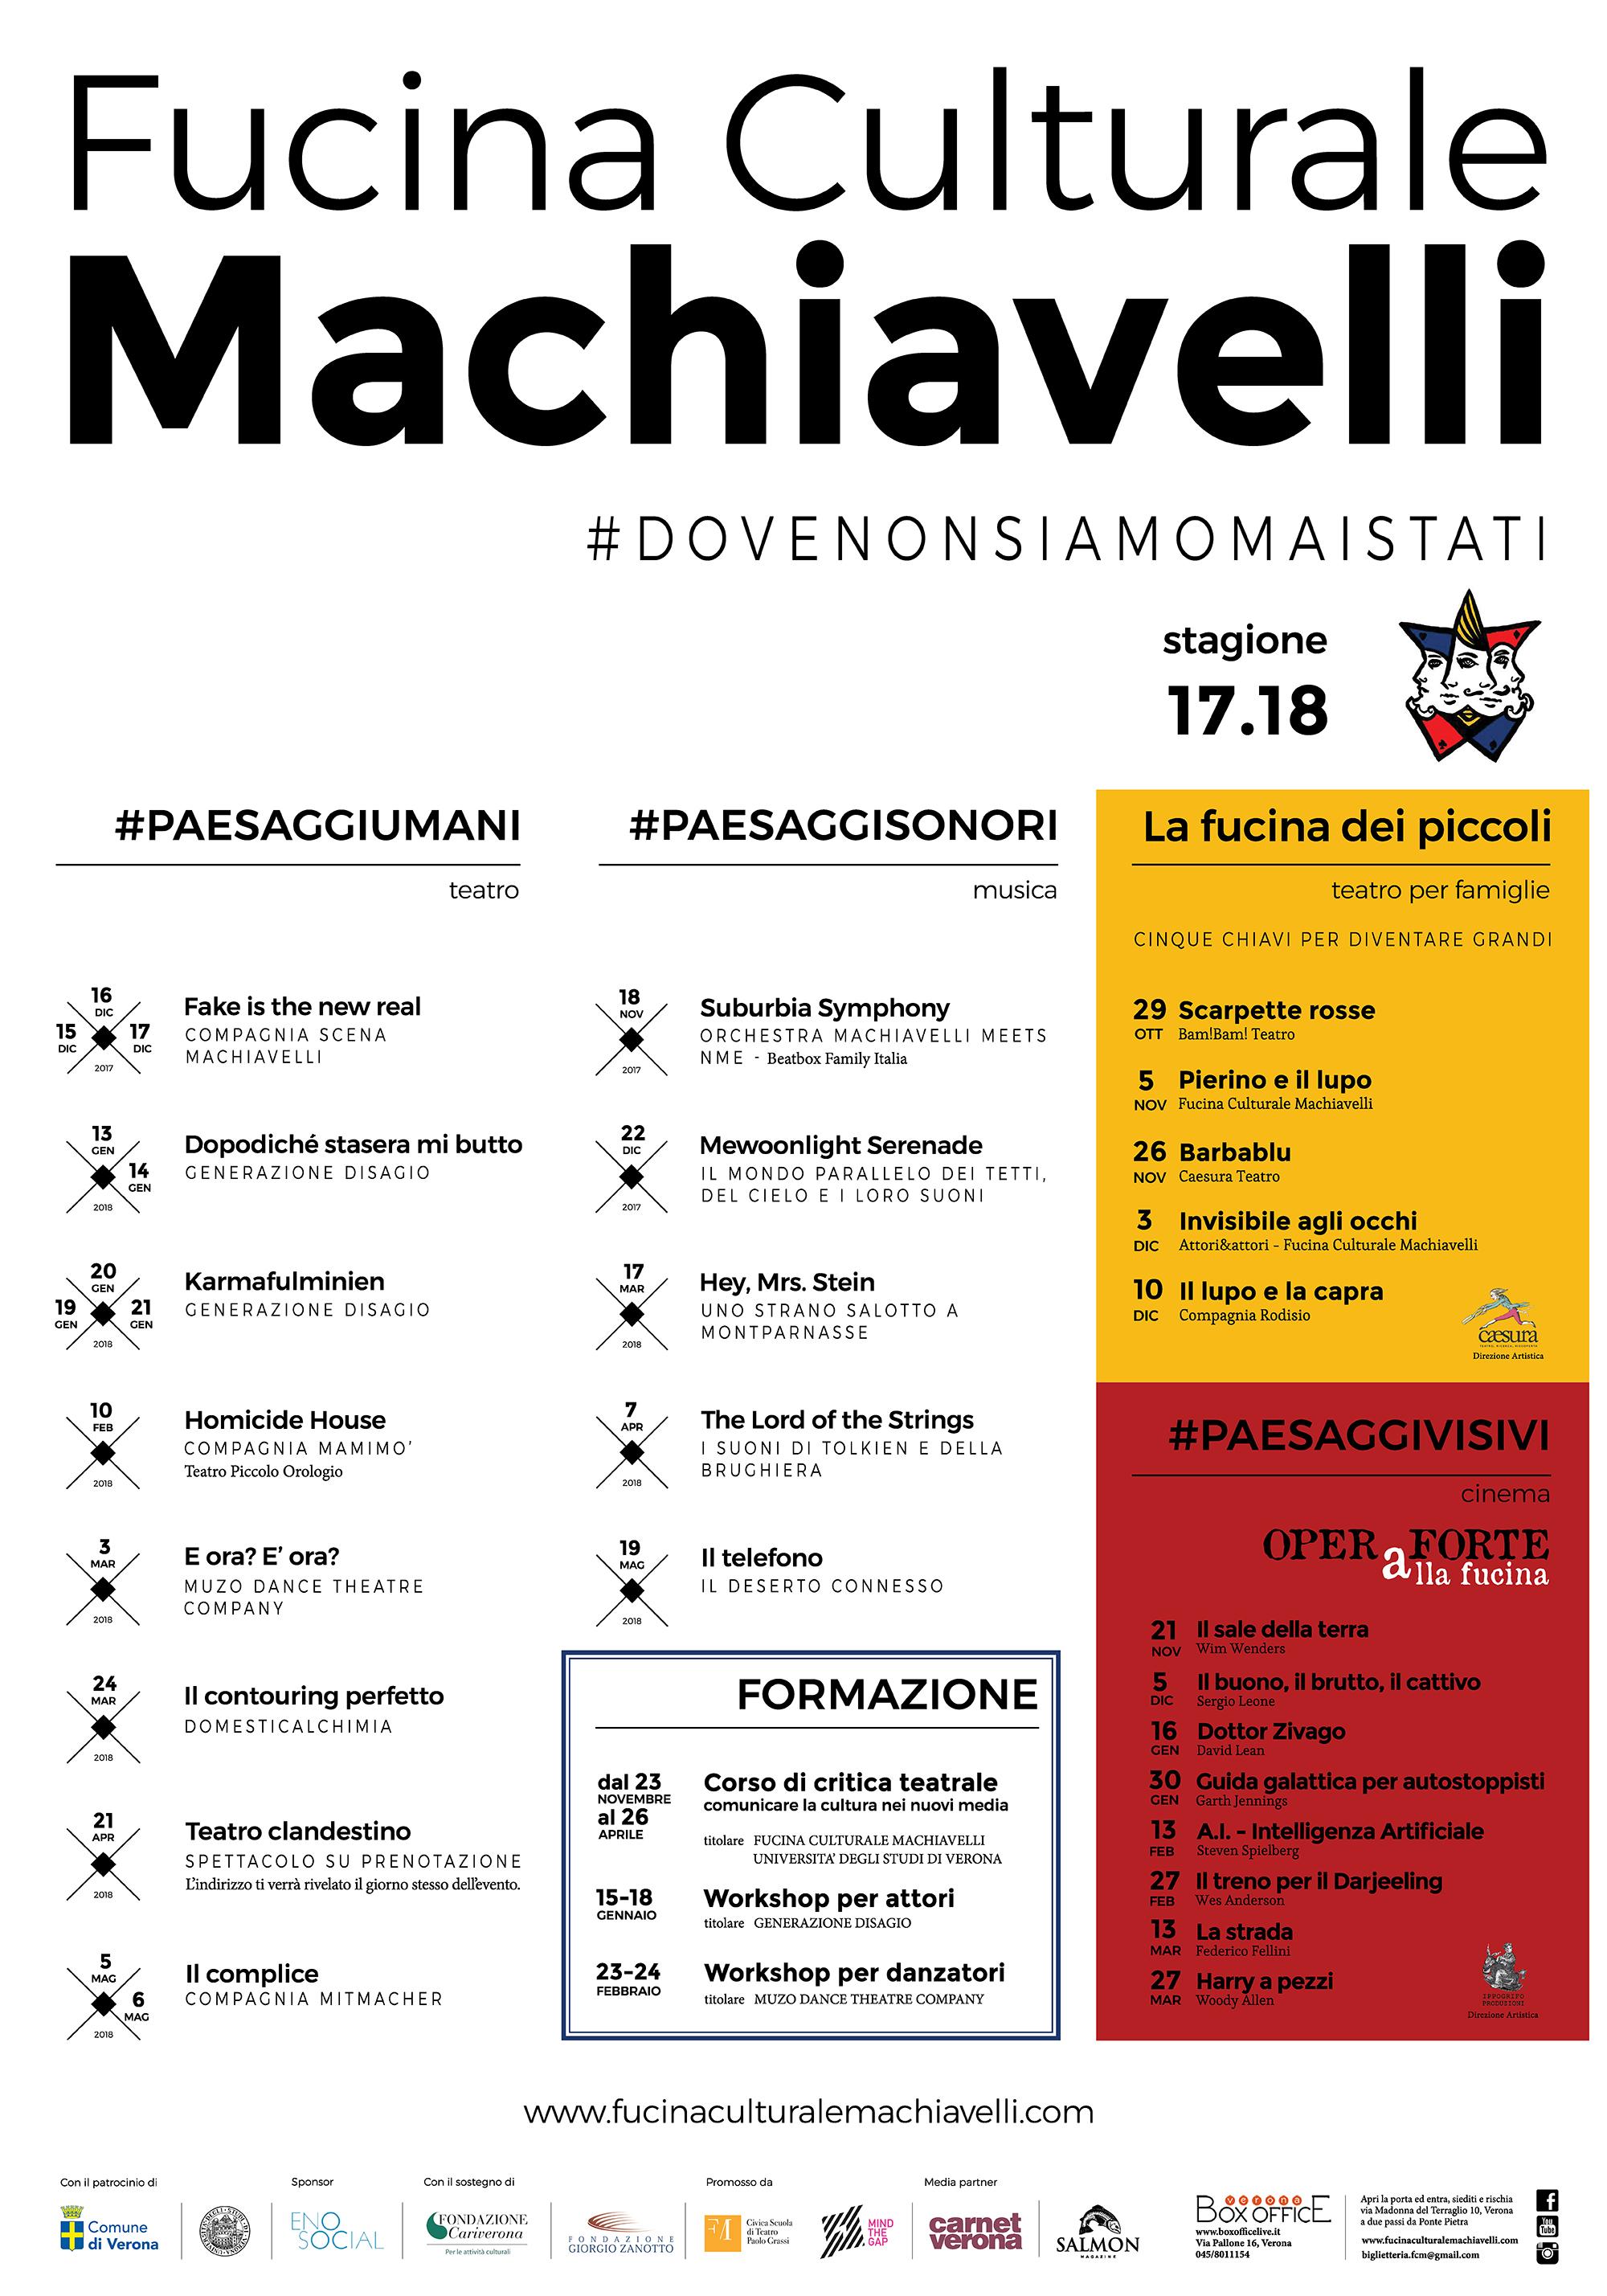 Programma-stagione1718-fucina-culturale-machiavelli-per-web